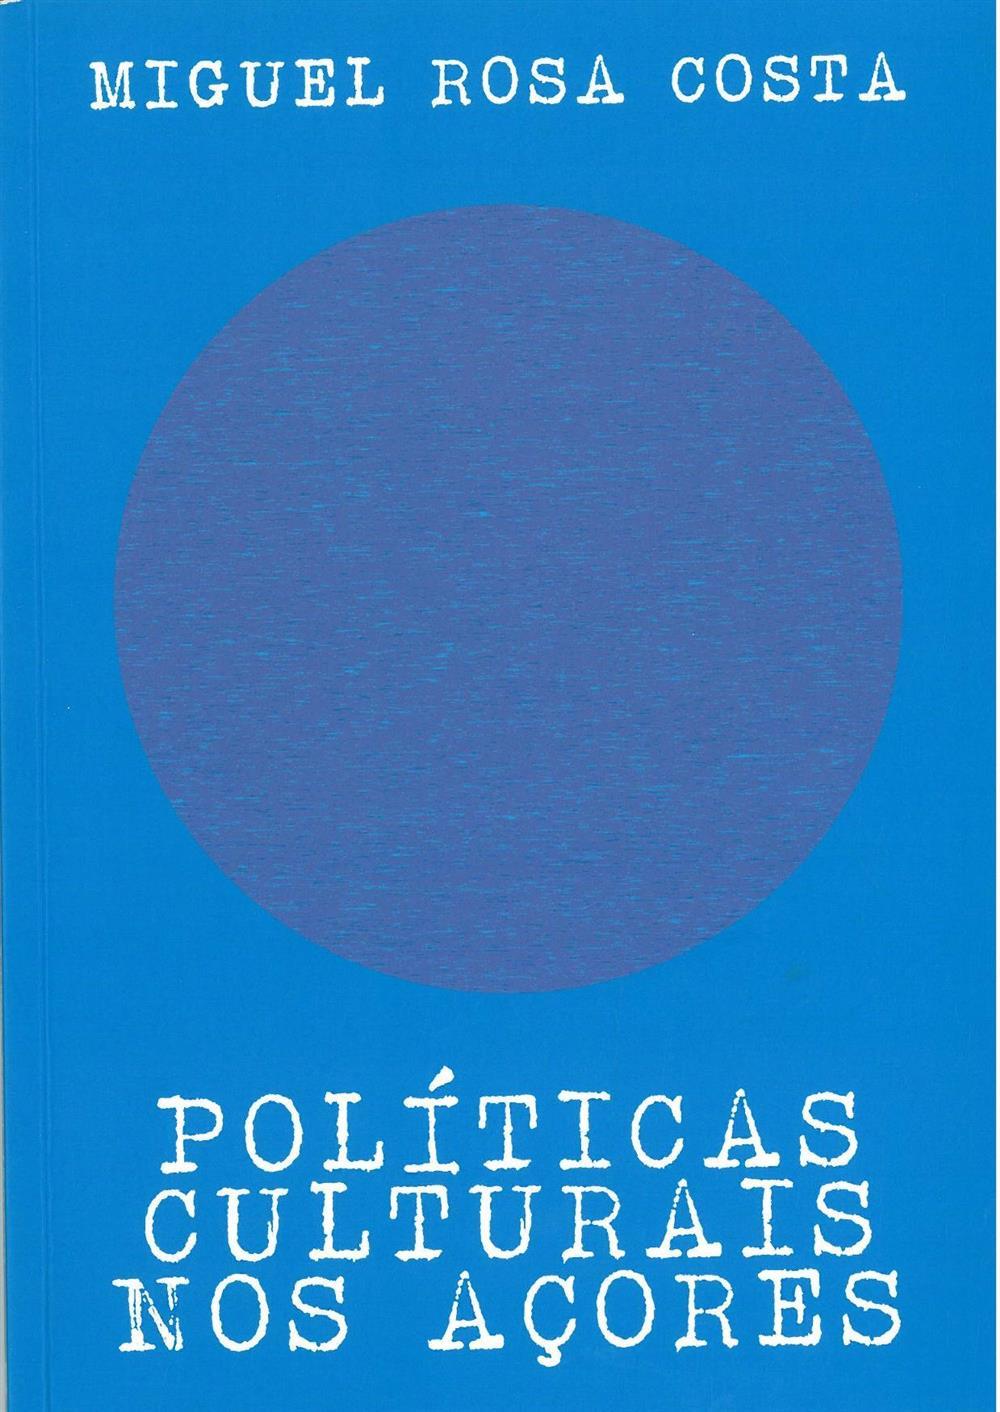 Políticas culturais nos Açores.jpg